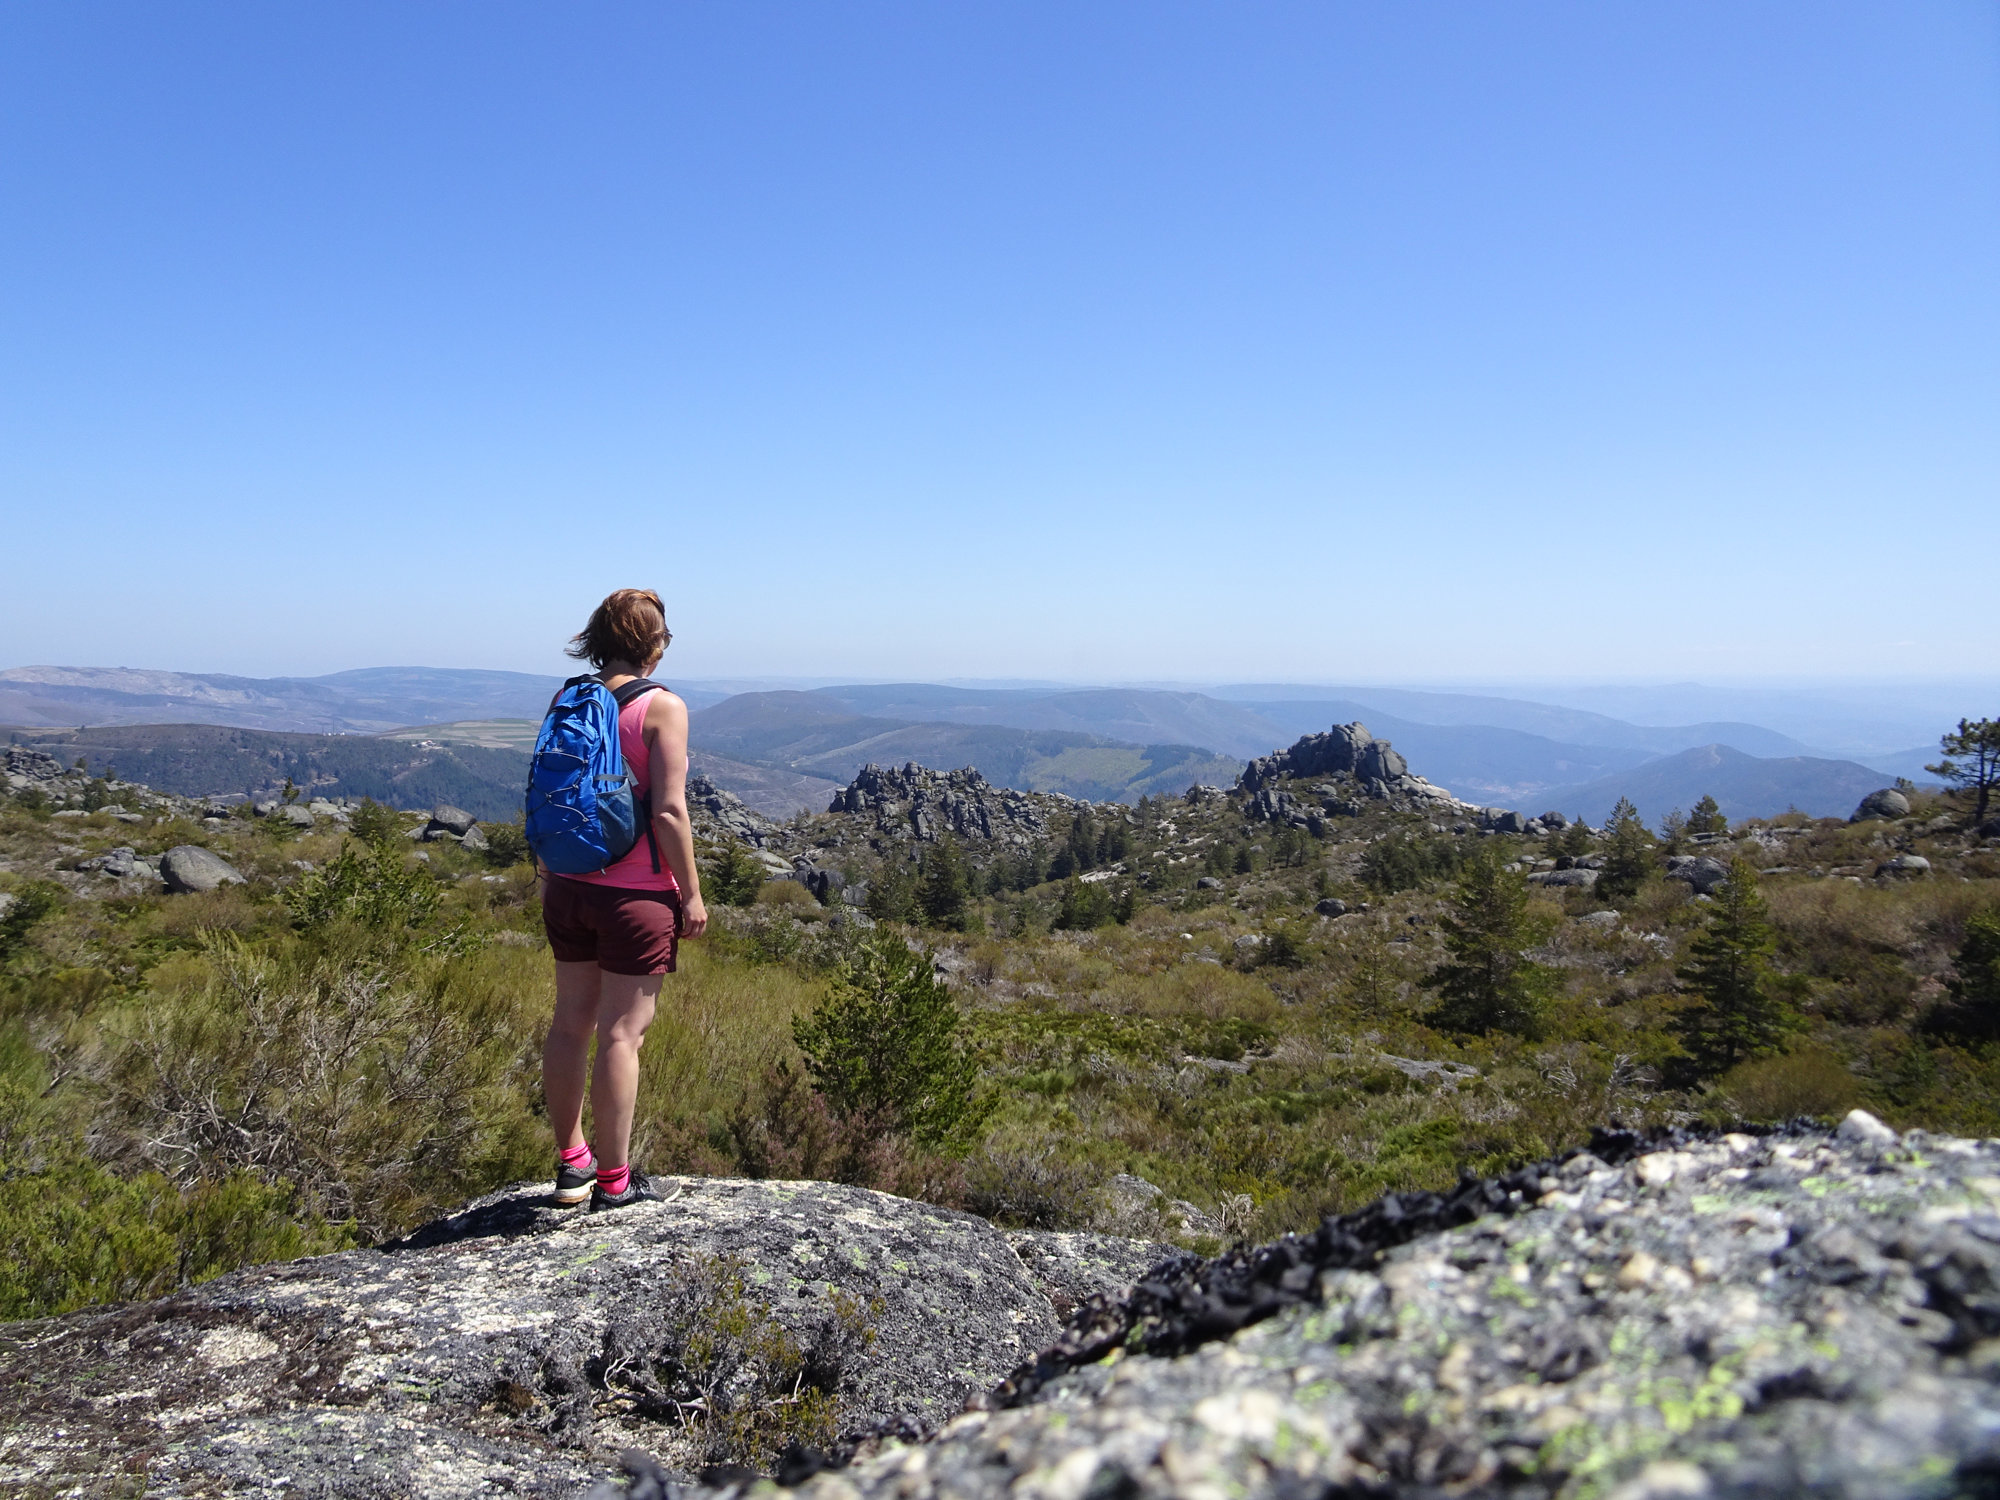 Carvão-Route, Wanderung, Rundwanderung, Serra da Estrella Portugal